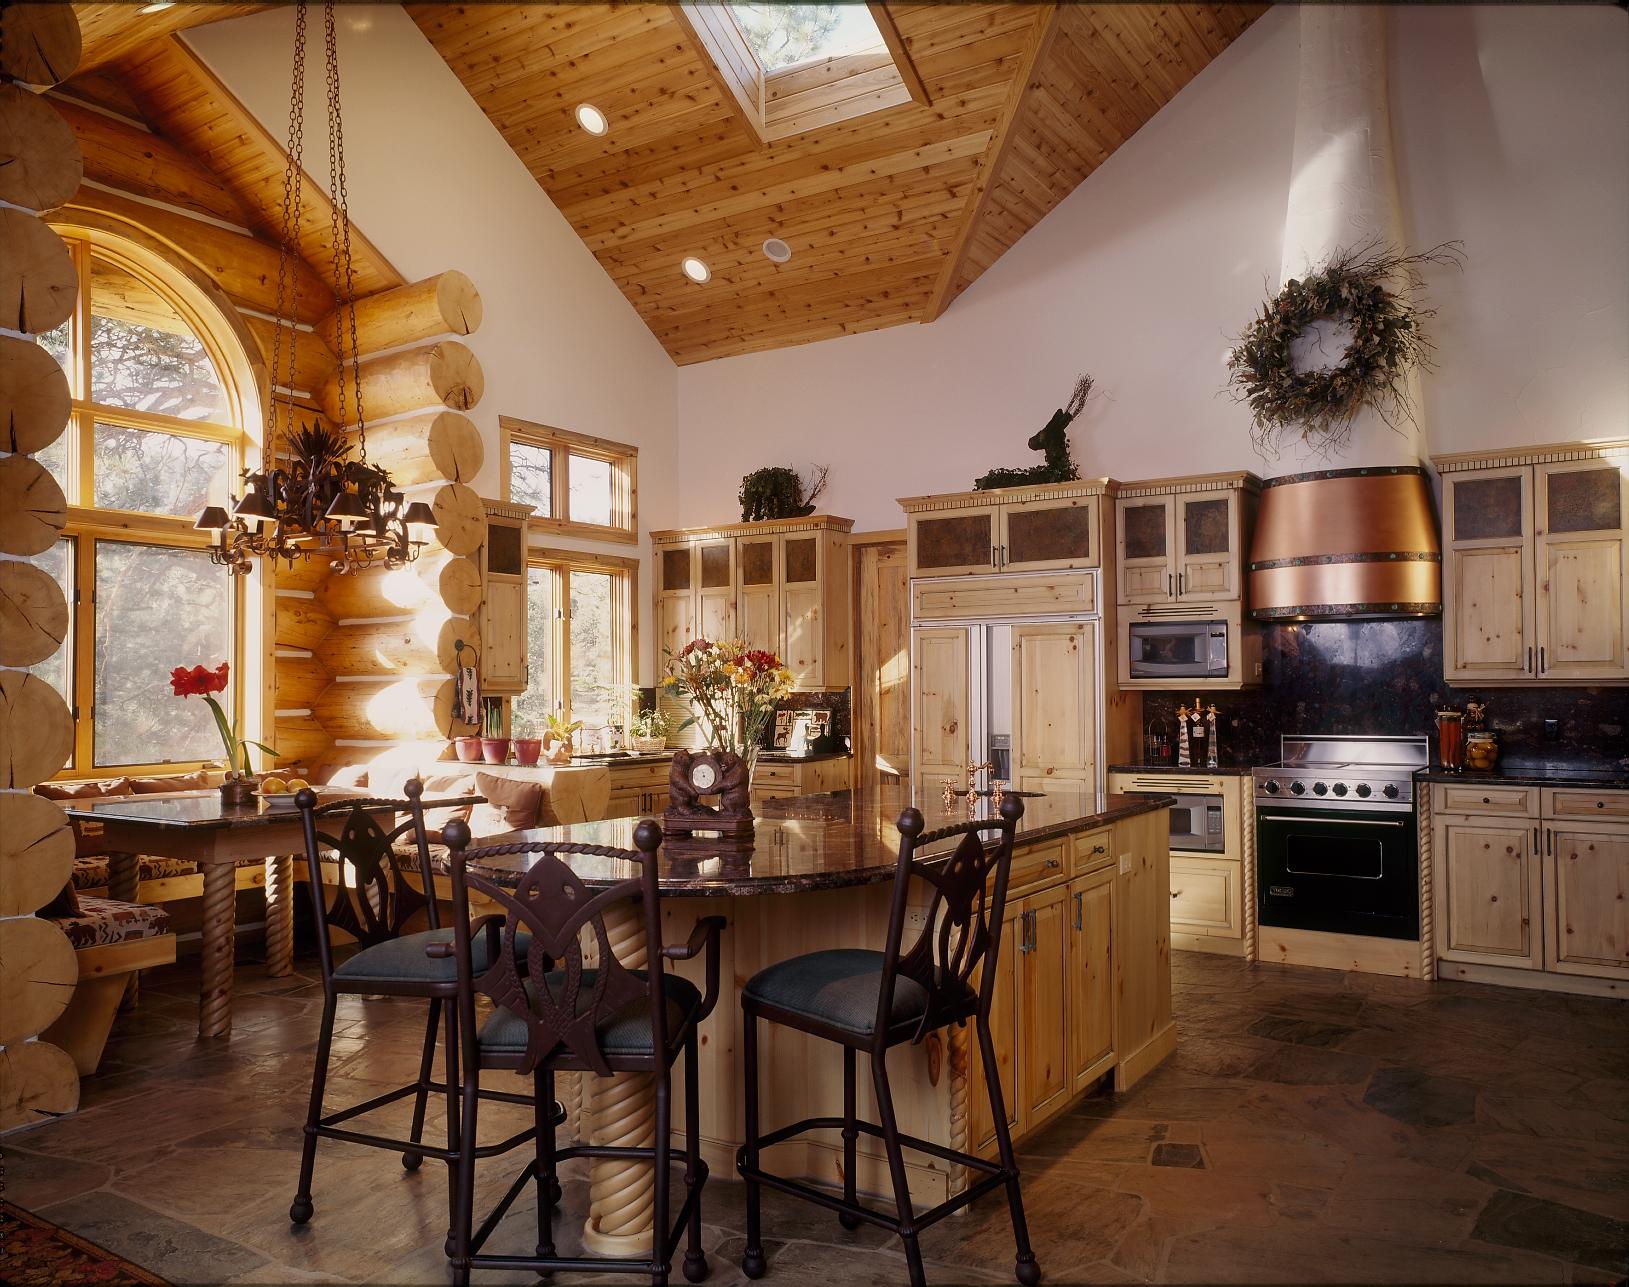 Kerr Gulch Kitchen